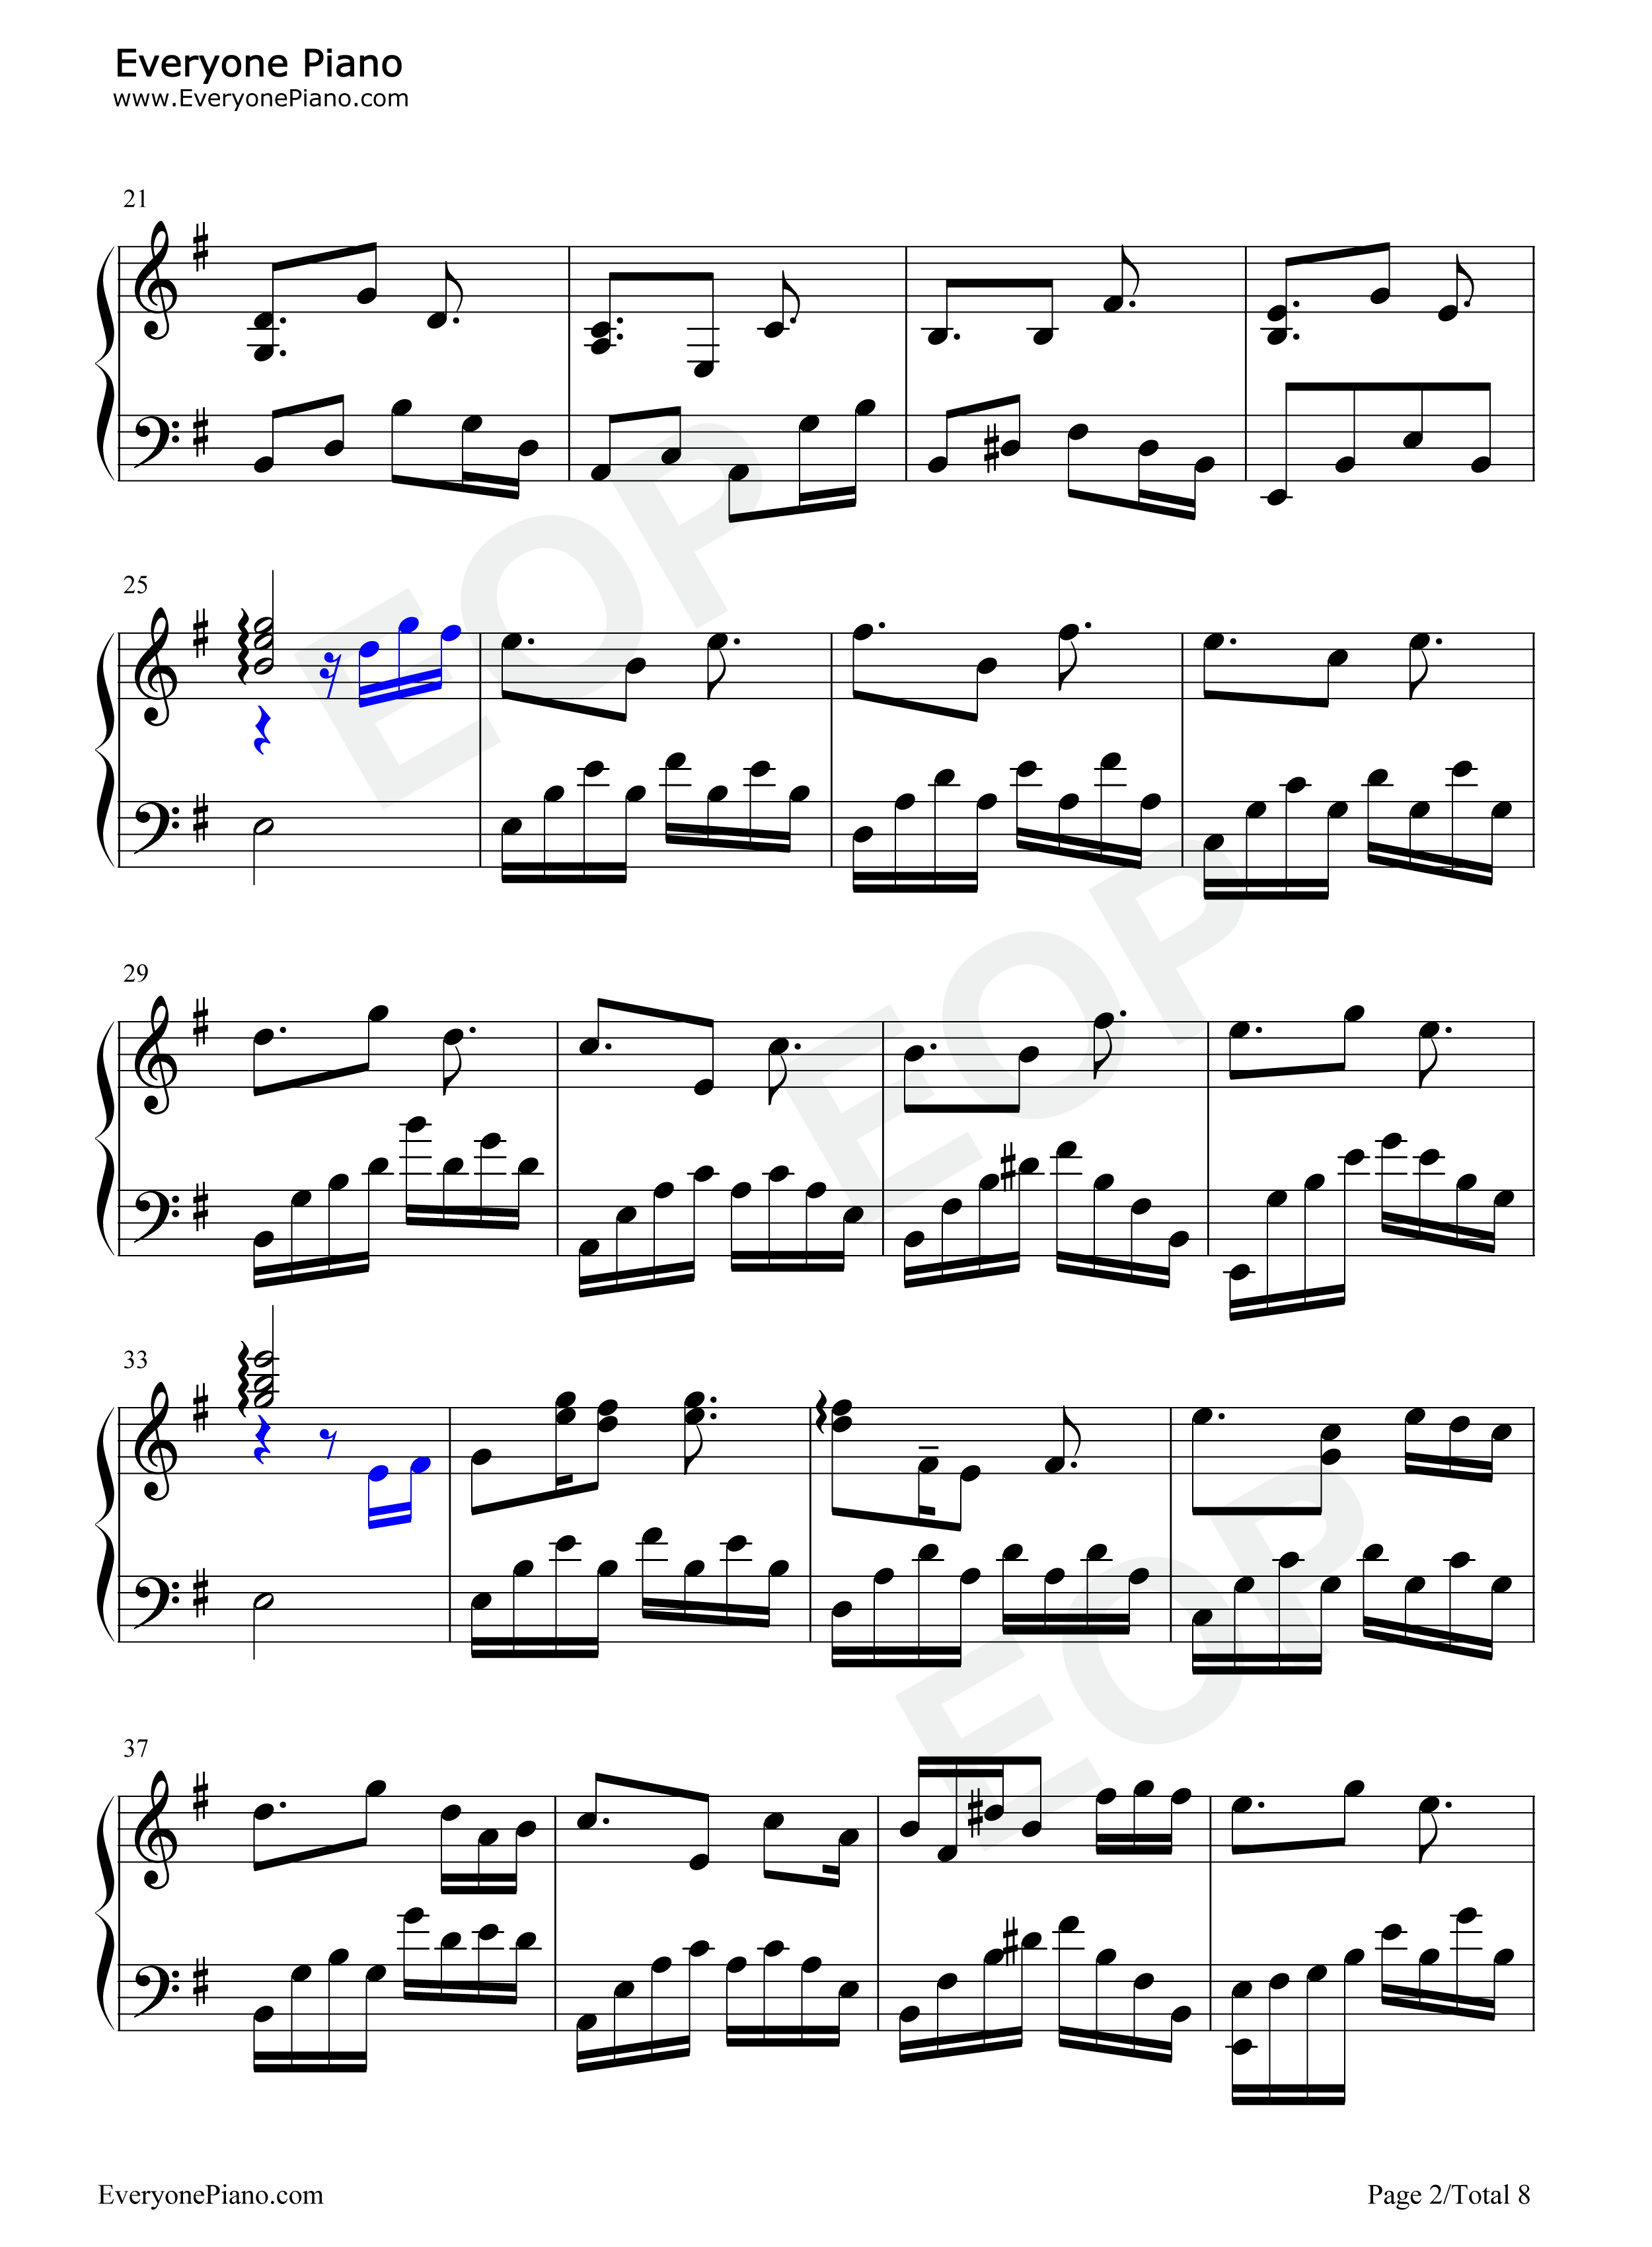 钢琴曲谱 流行 夜曲-周杰伦凄美,华丽版 夜曲-周杰伦凄美,华丽版